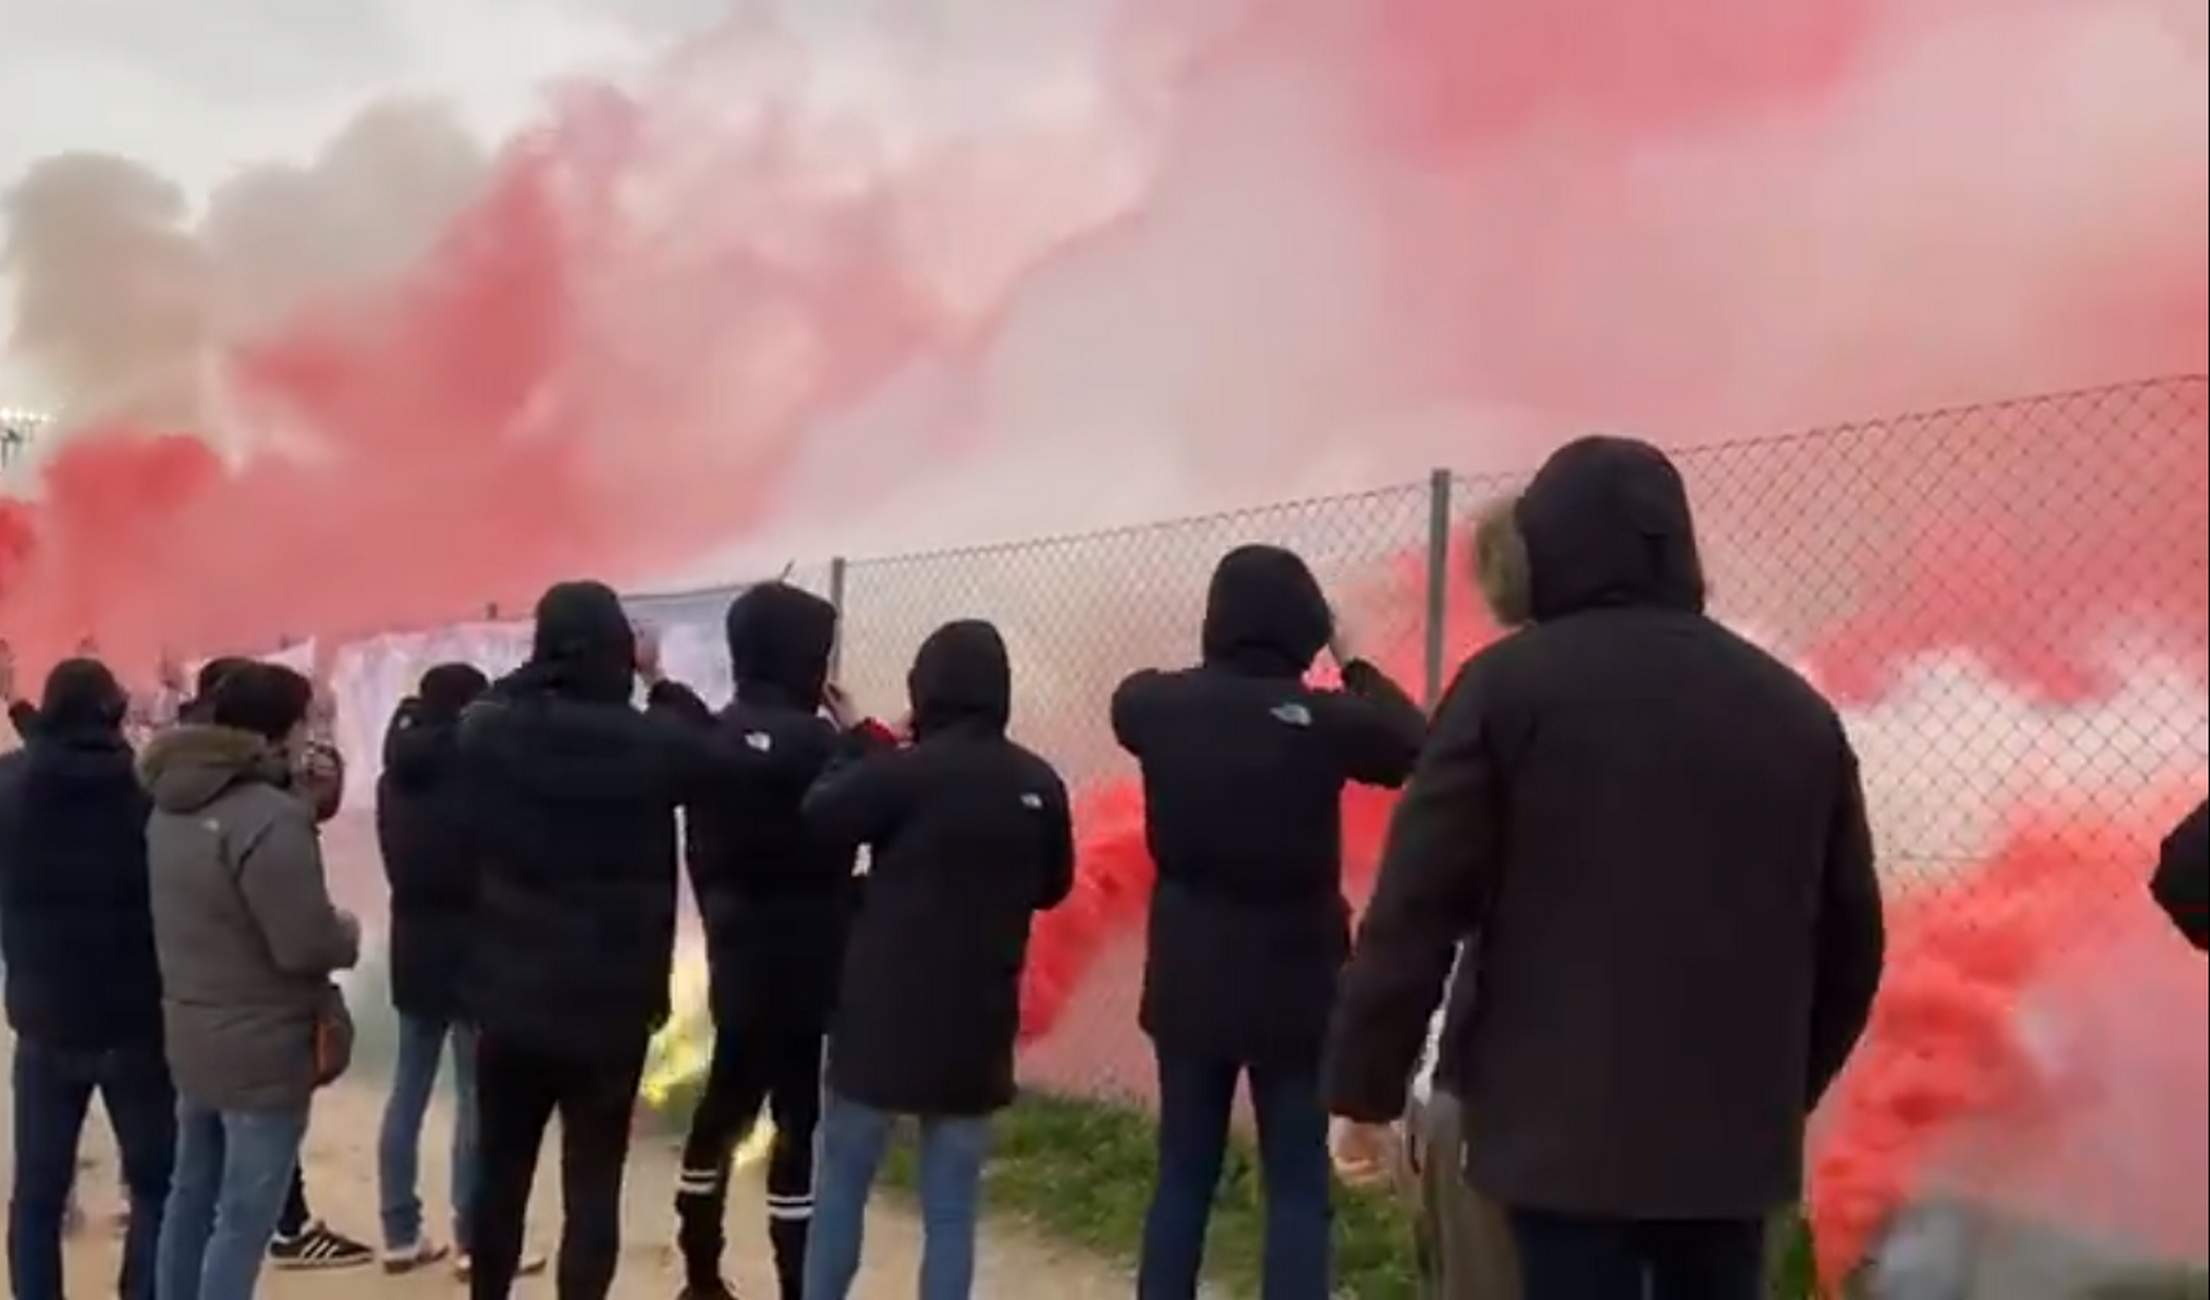 Οπαδοί της Ατλέτικο με καπνογόνα στην προπόνηση παρά την ήττα (video)